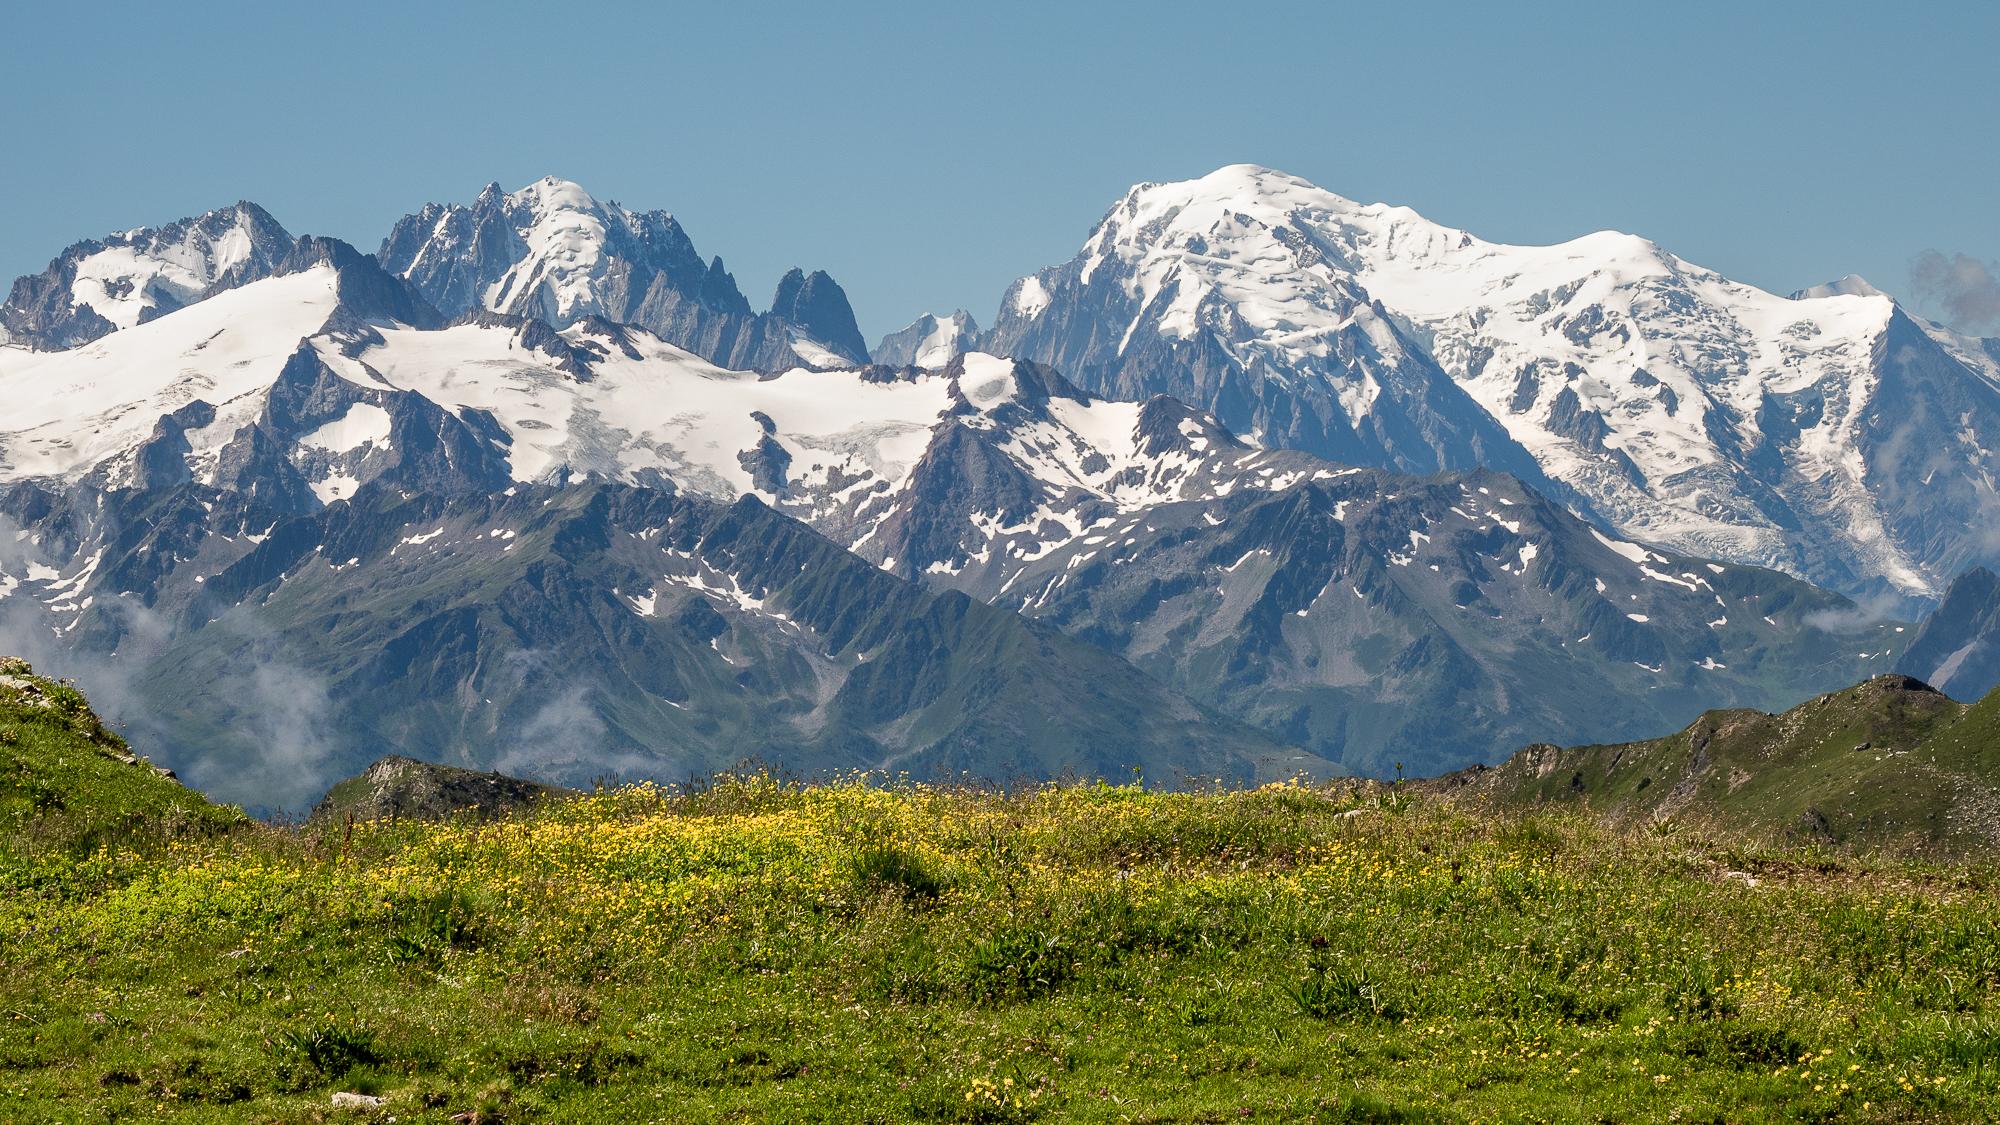 Mont Blanc from Fenestral, Switzerland